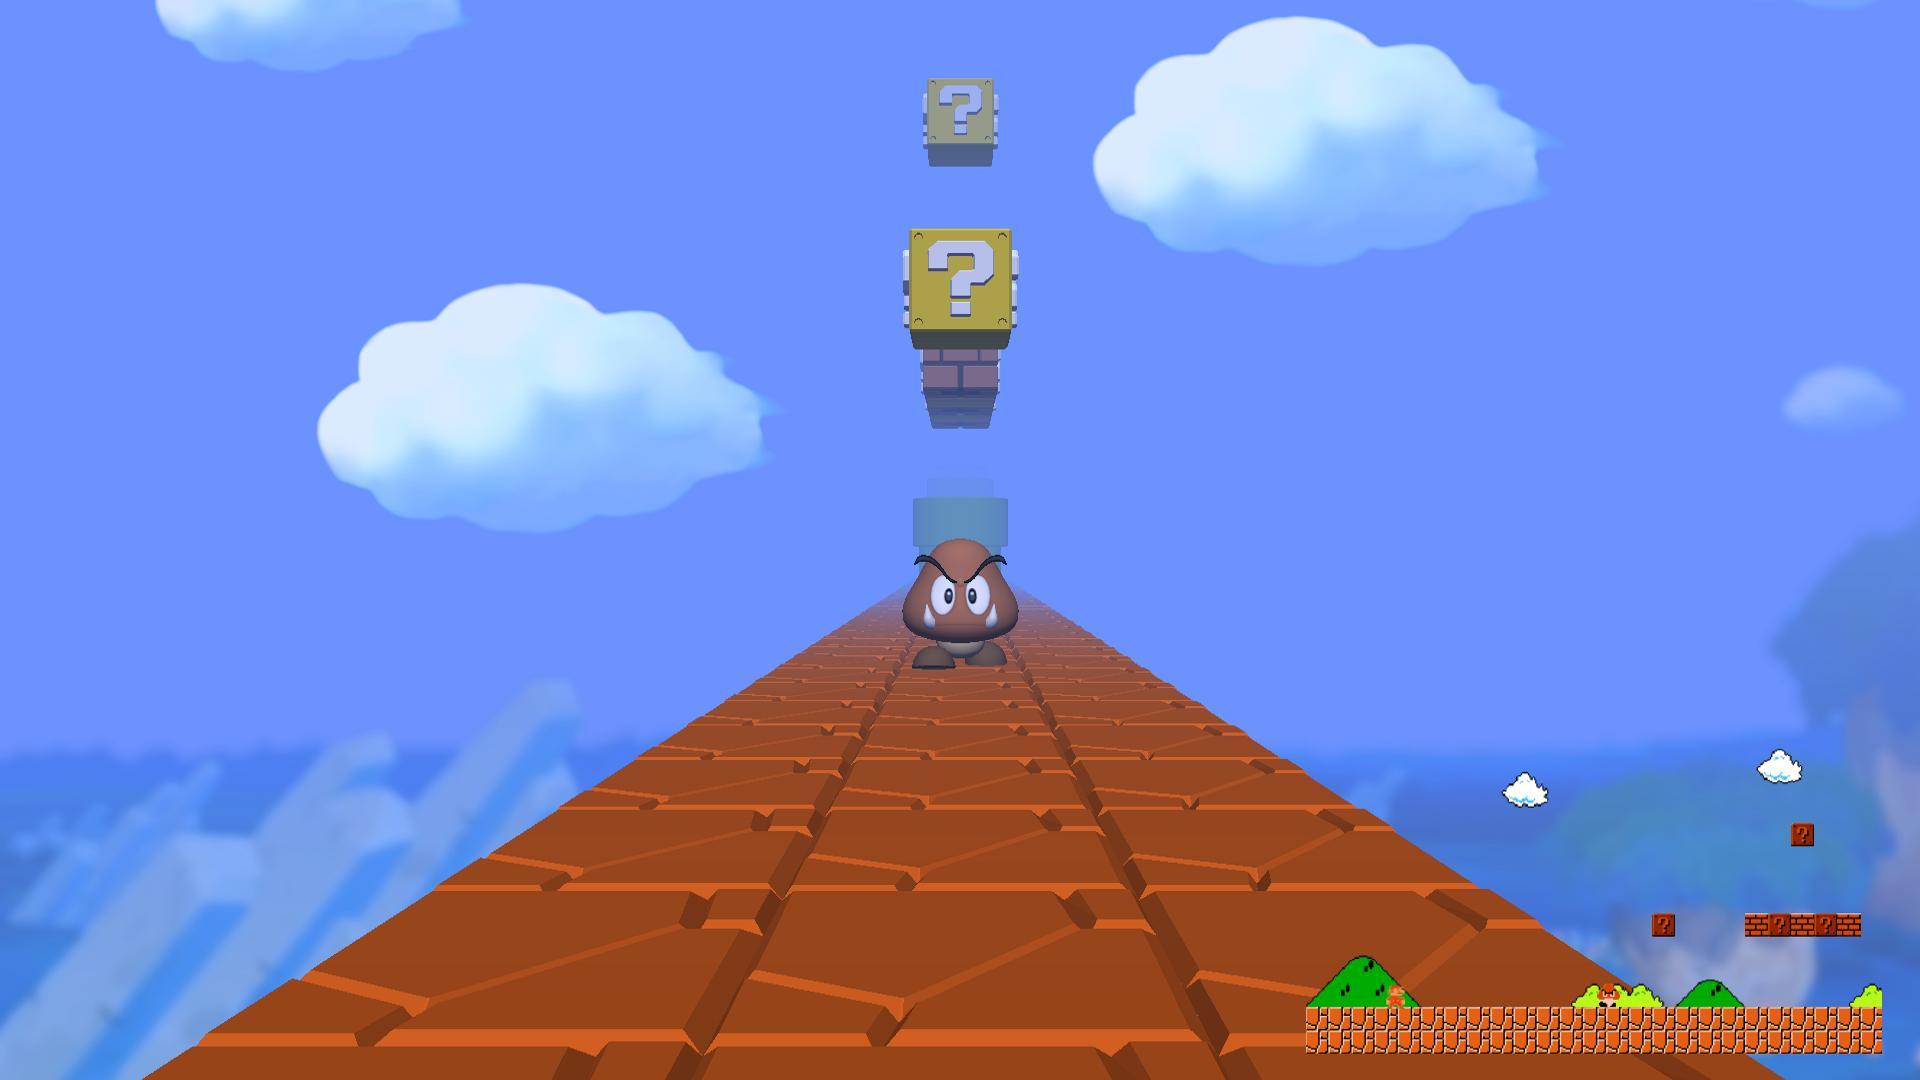 Super Mario Bros. First Person - Imagem 1 do software